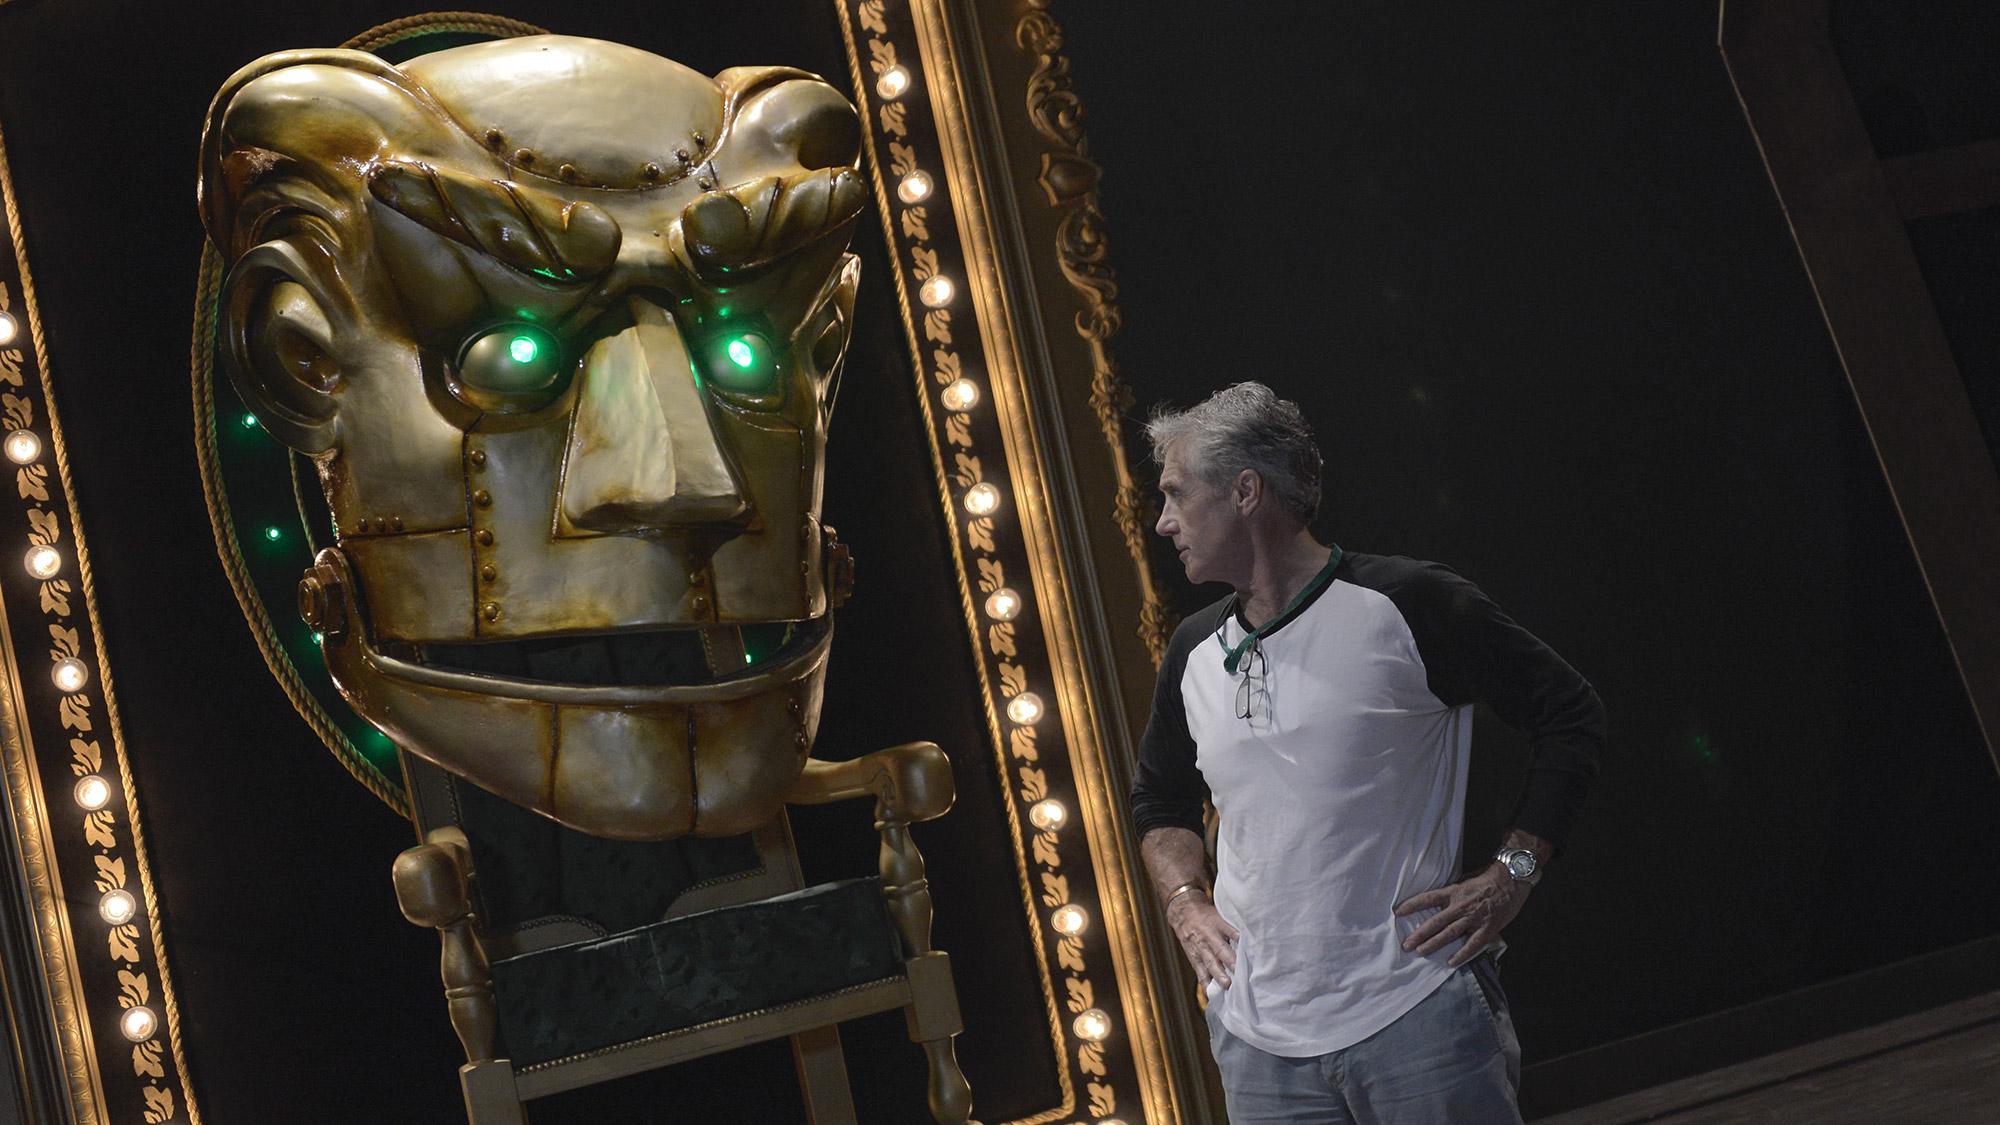 Von Hand: Der riesige Kopf des Zauberers von Oz wird von einem Techniker zur Stimme des Schauspielers mechanisch gesteuert.